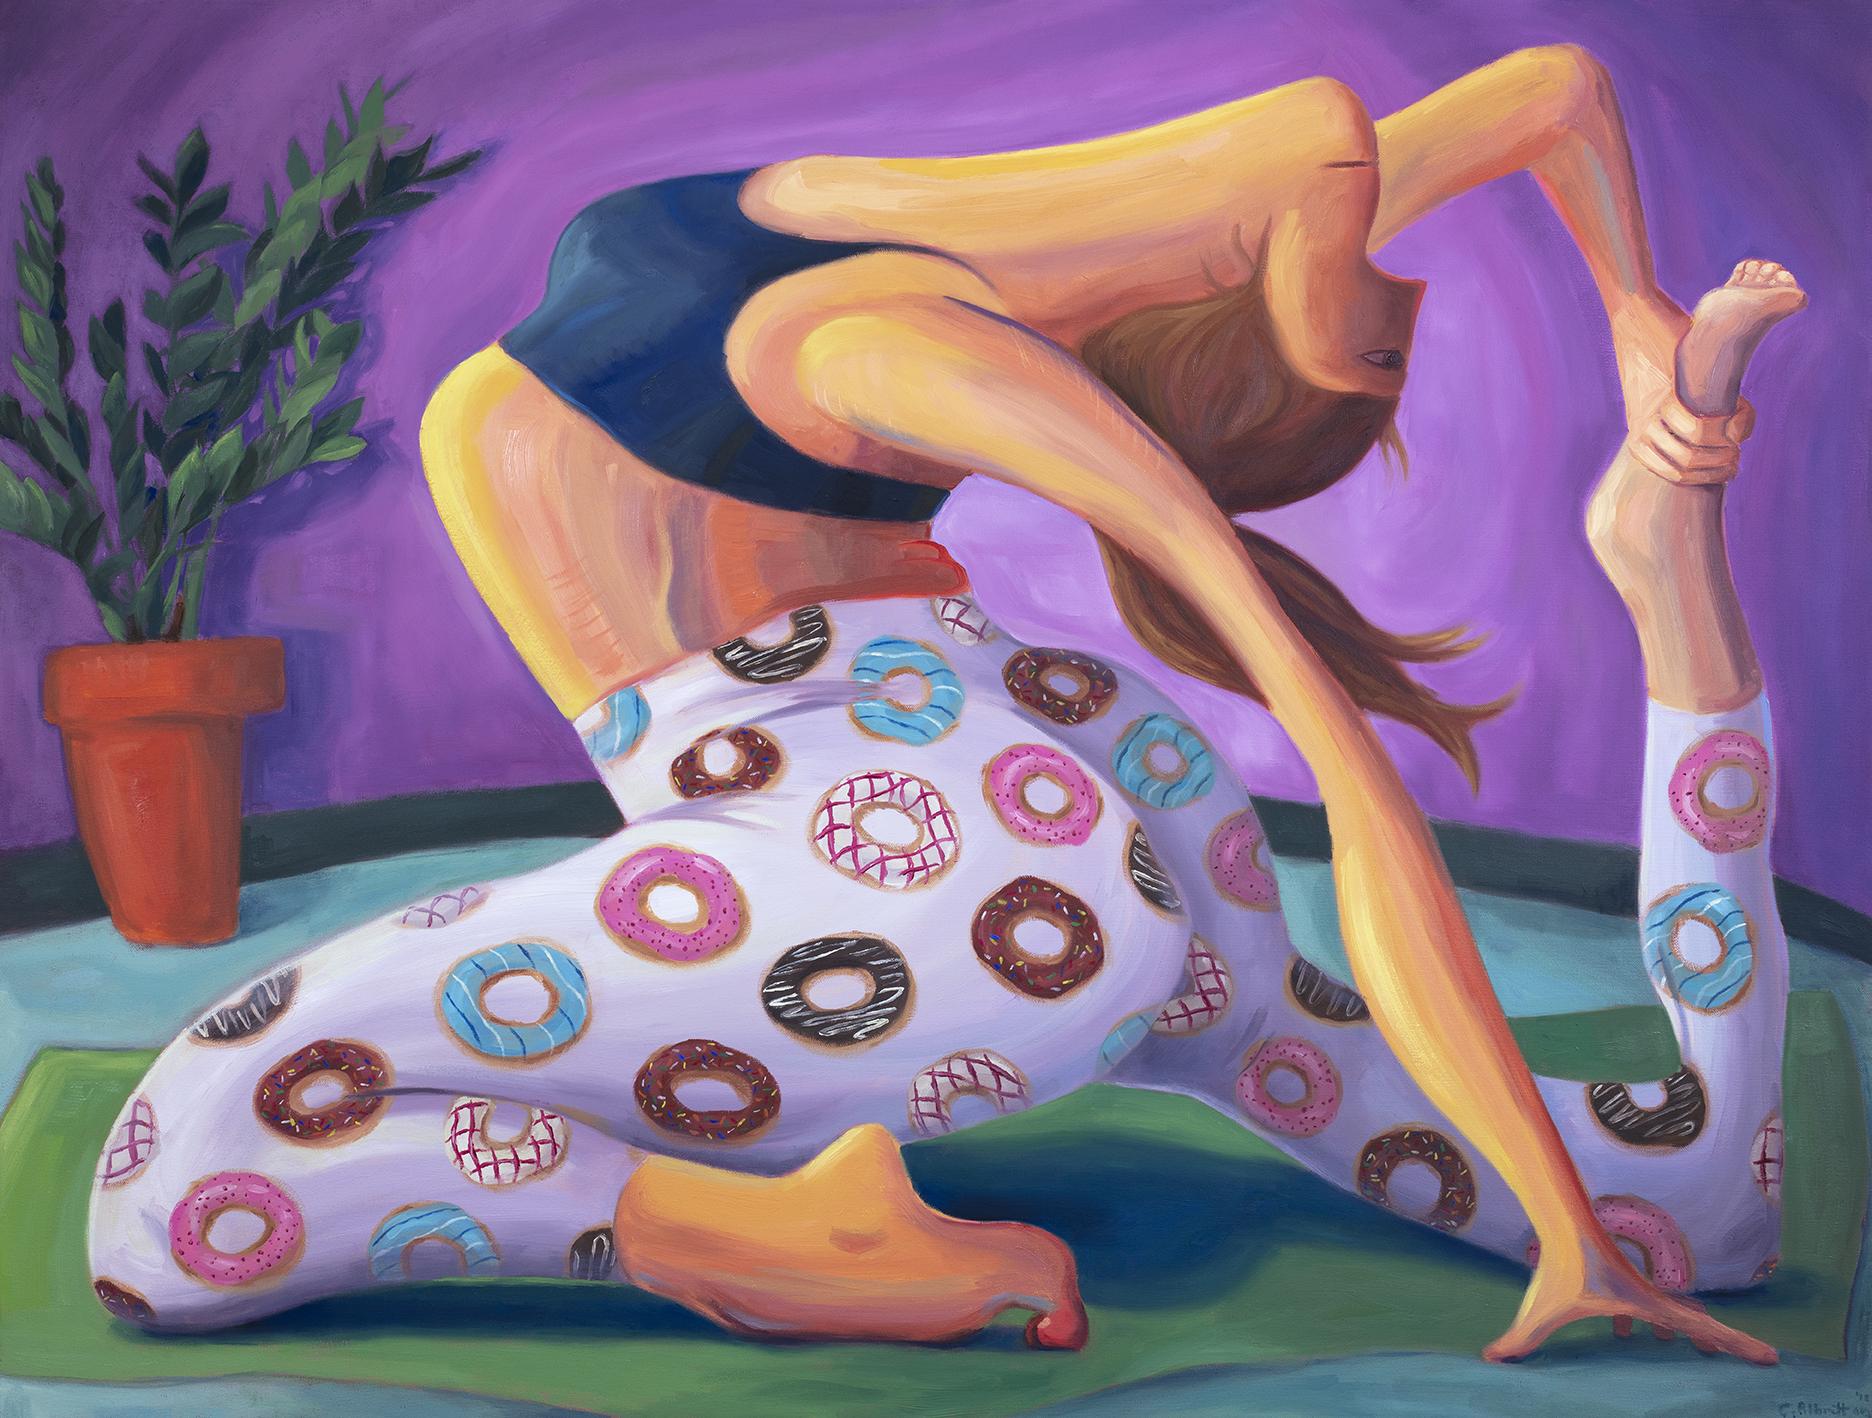 Caitlin Albritton_Hot Yoga_ 42 x42_Oil on Canvas_2018_ 2MB.jpg